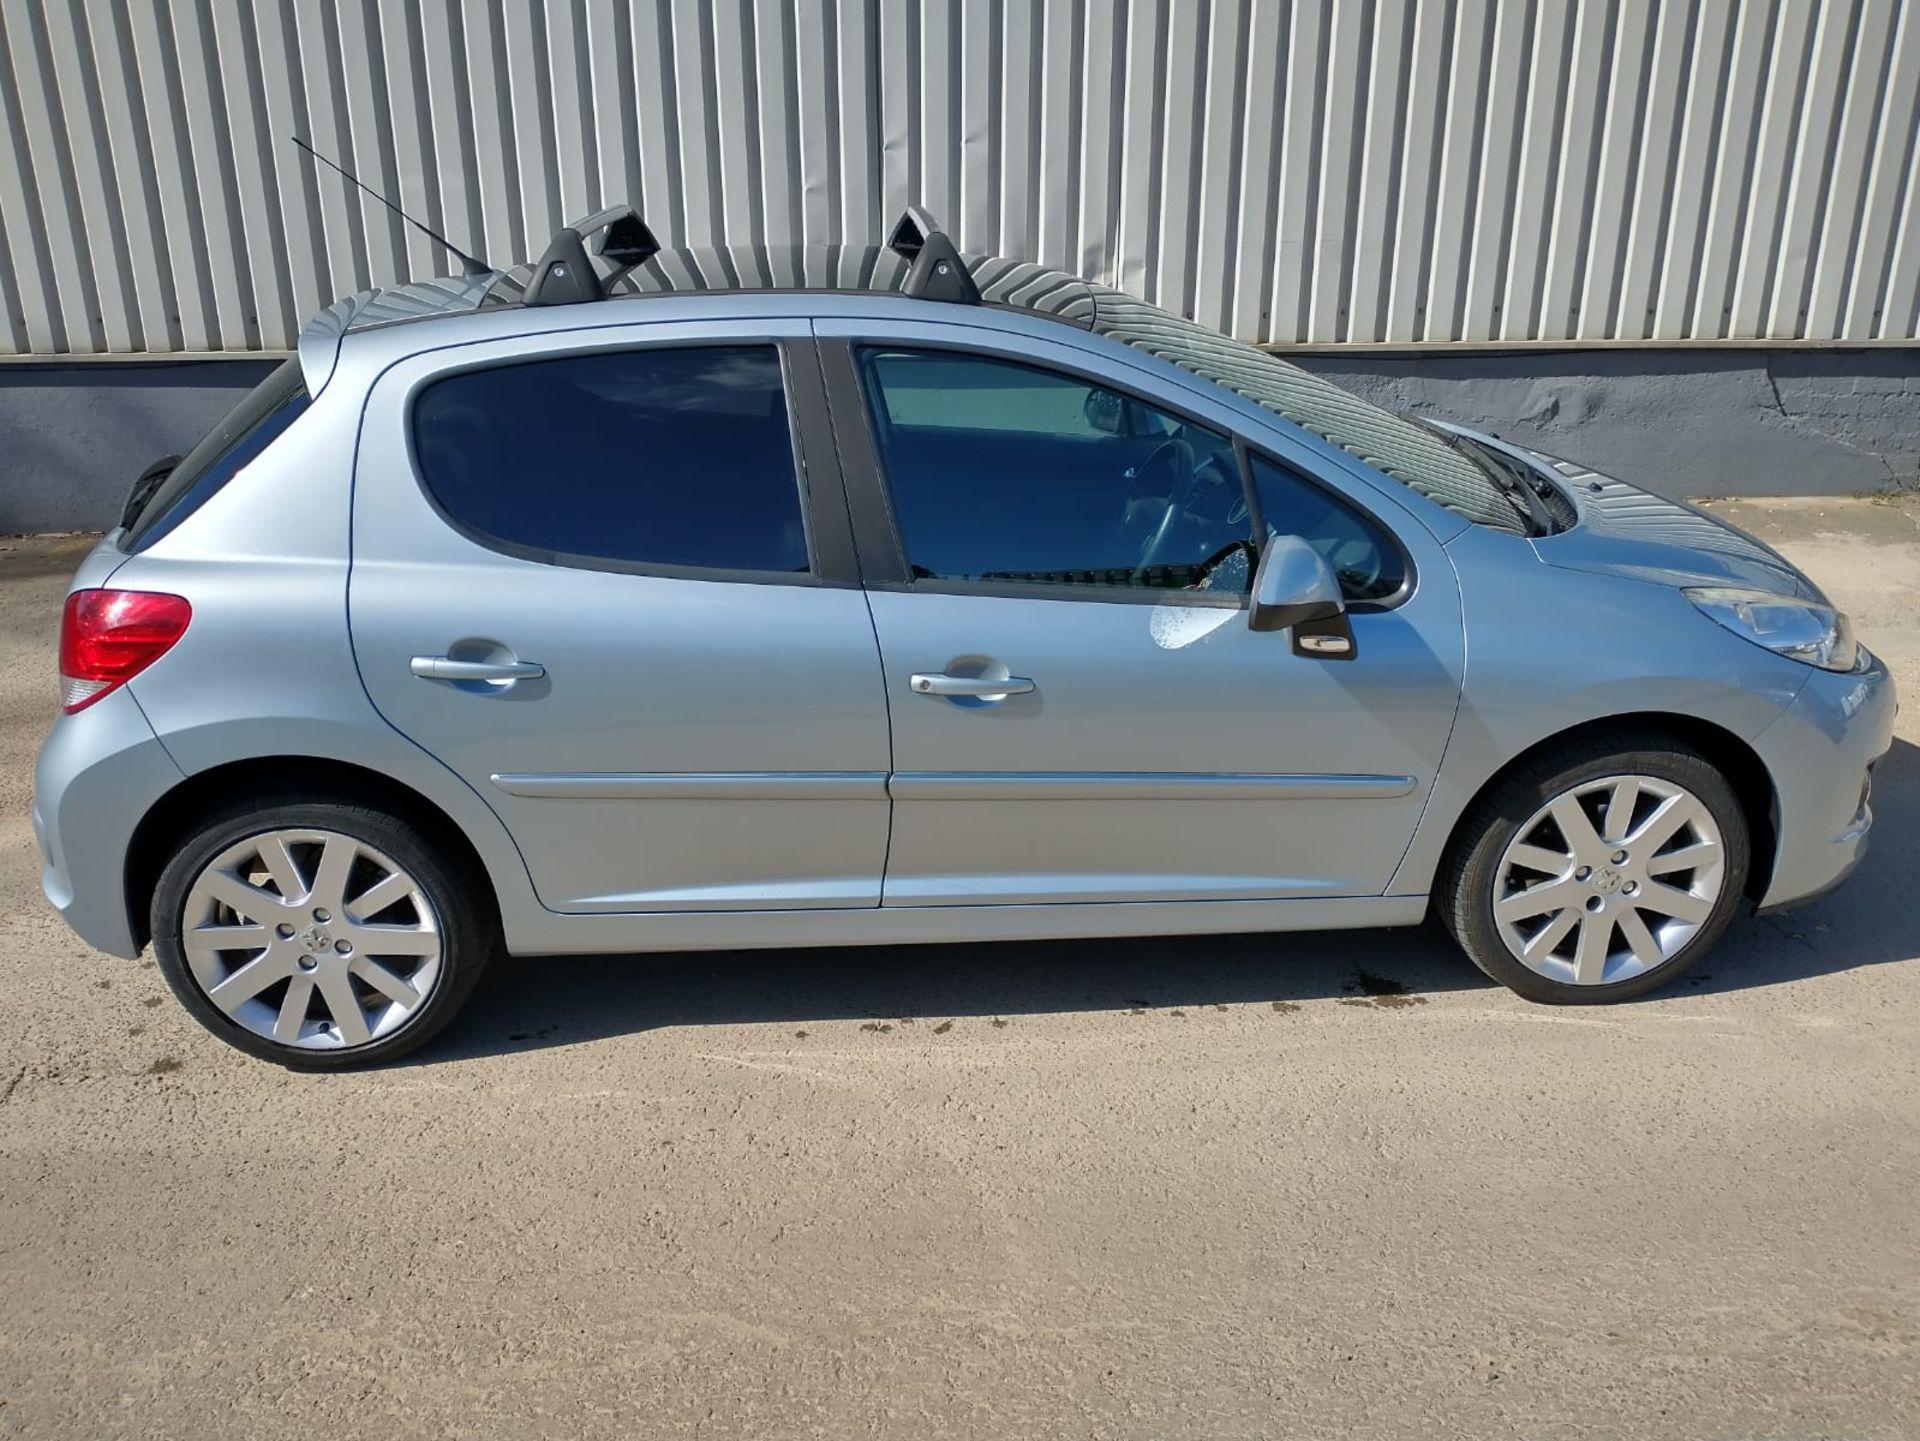 2012 Peugeot 207 Allure 1.6 5DR Hatchback - Image 5 of 16